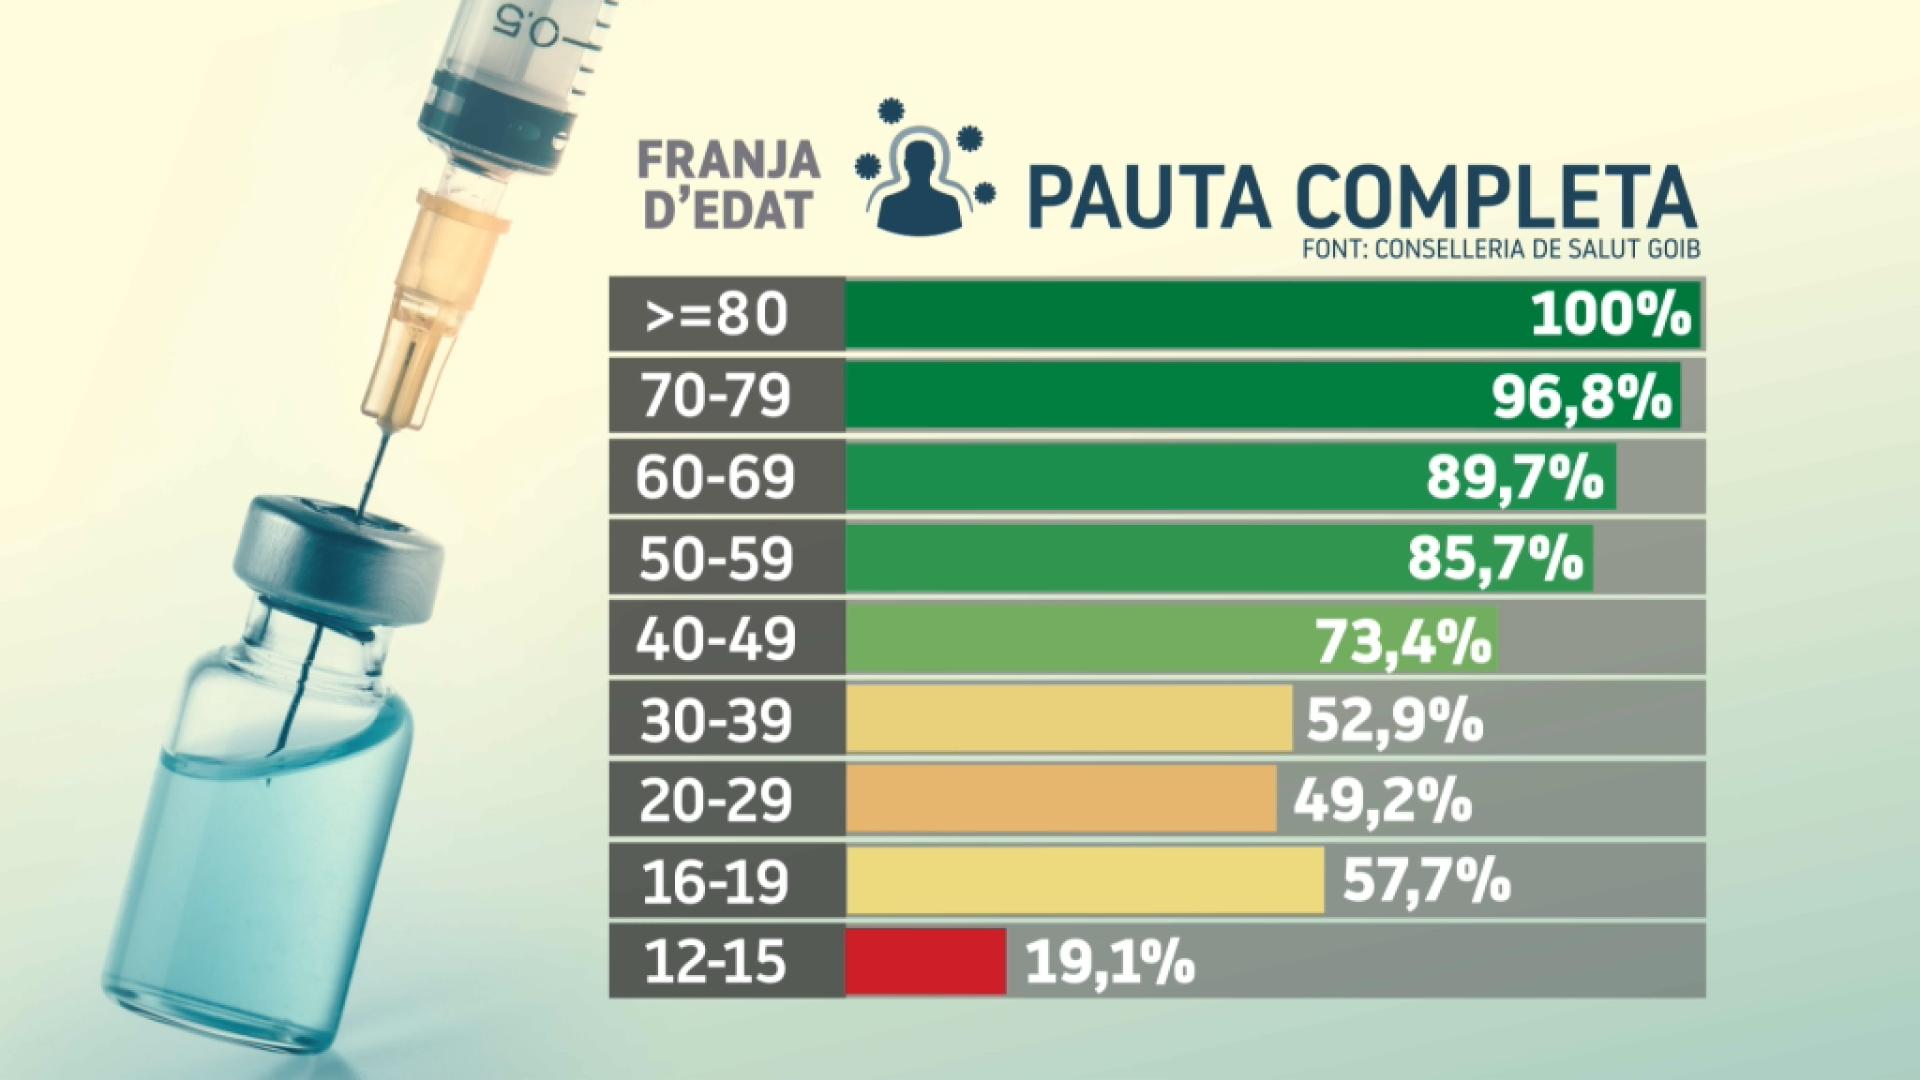 Aix%C3%AD+han+estat+els+8+mesos+per+arribar+al+70%2525+de+la+poblaci%C3%B3+diana+vacunada